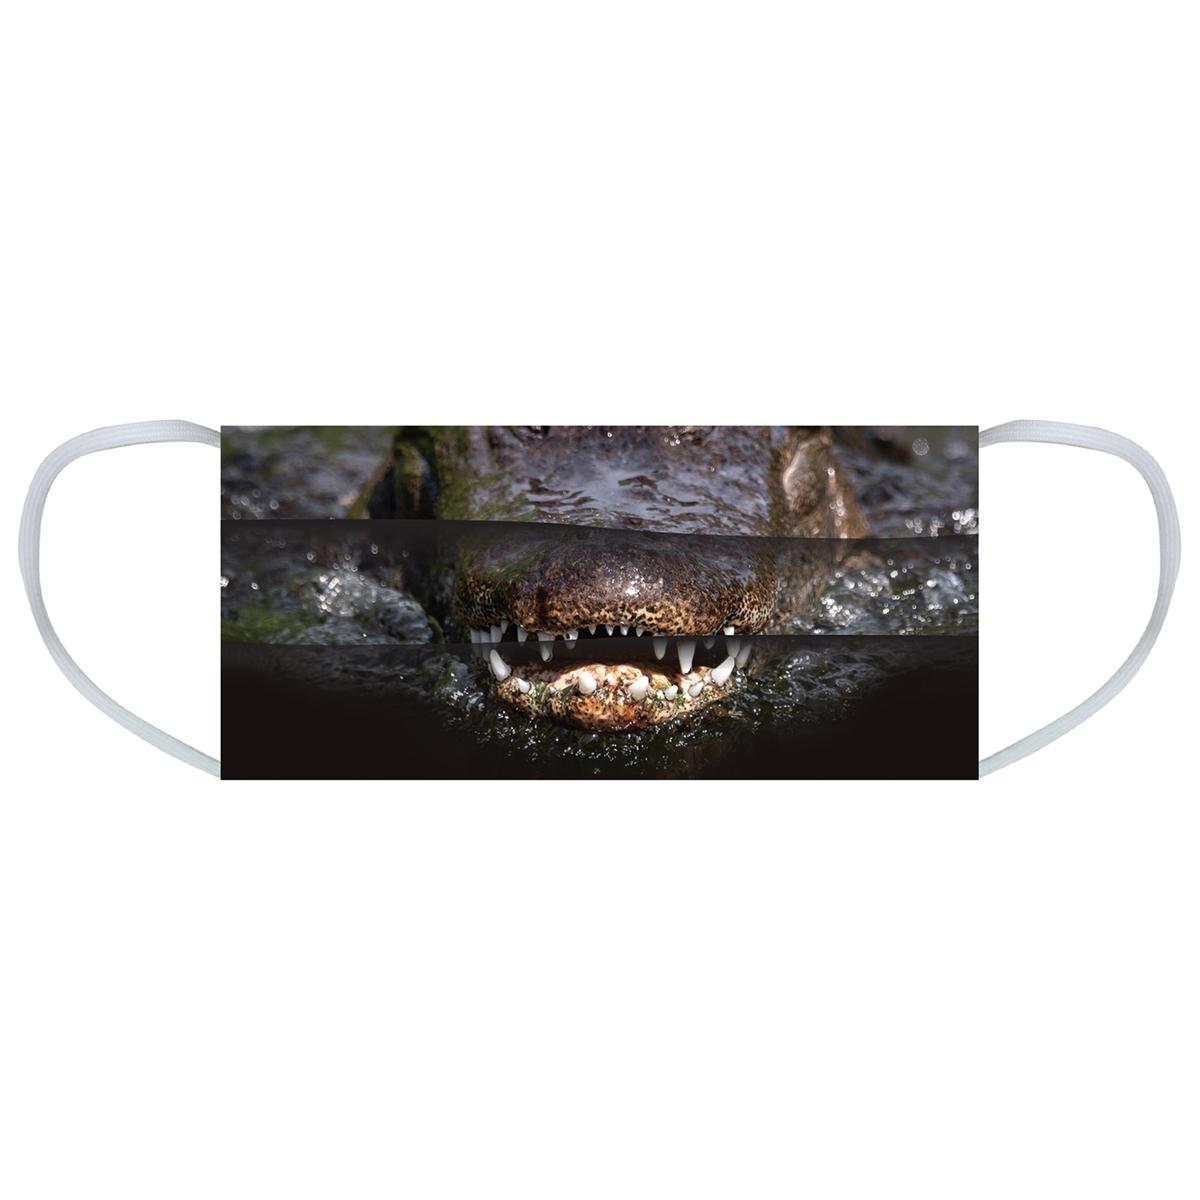 Alligator Face Mask